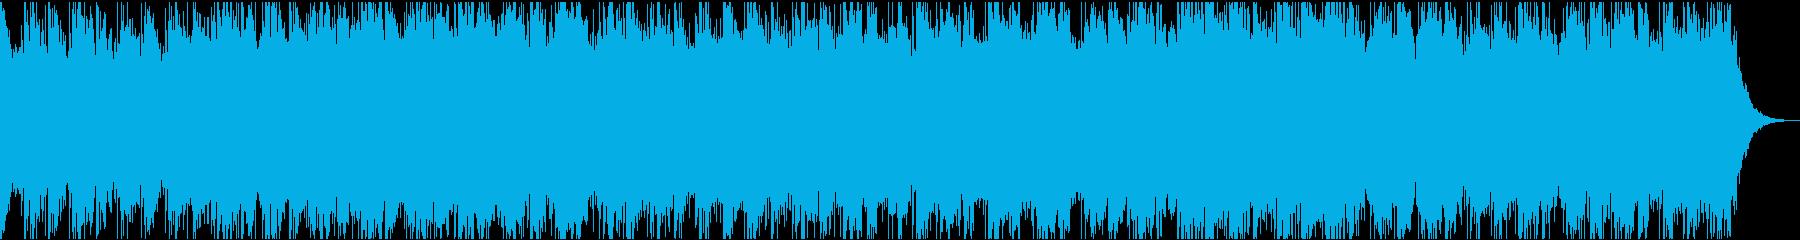 土着信仰・不気味な曲の再生済みの波形